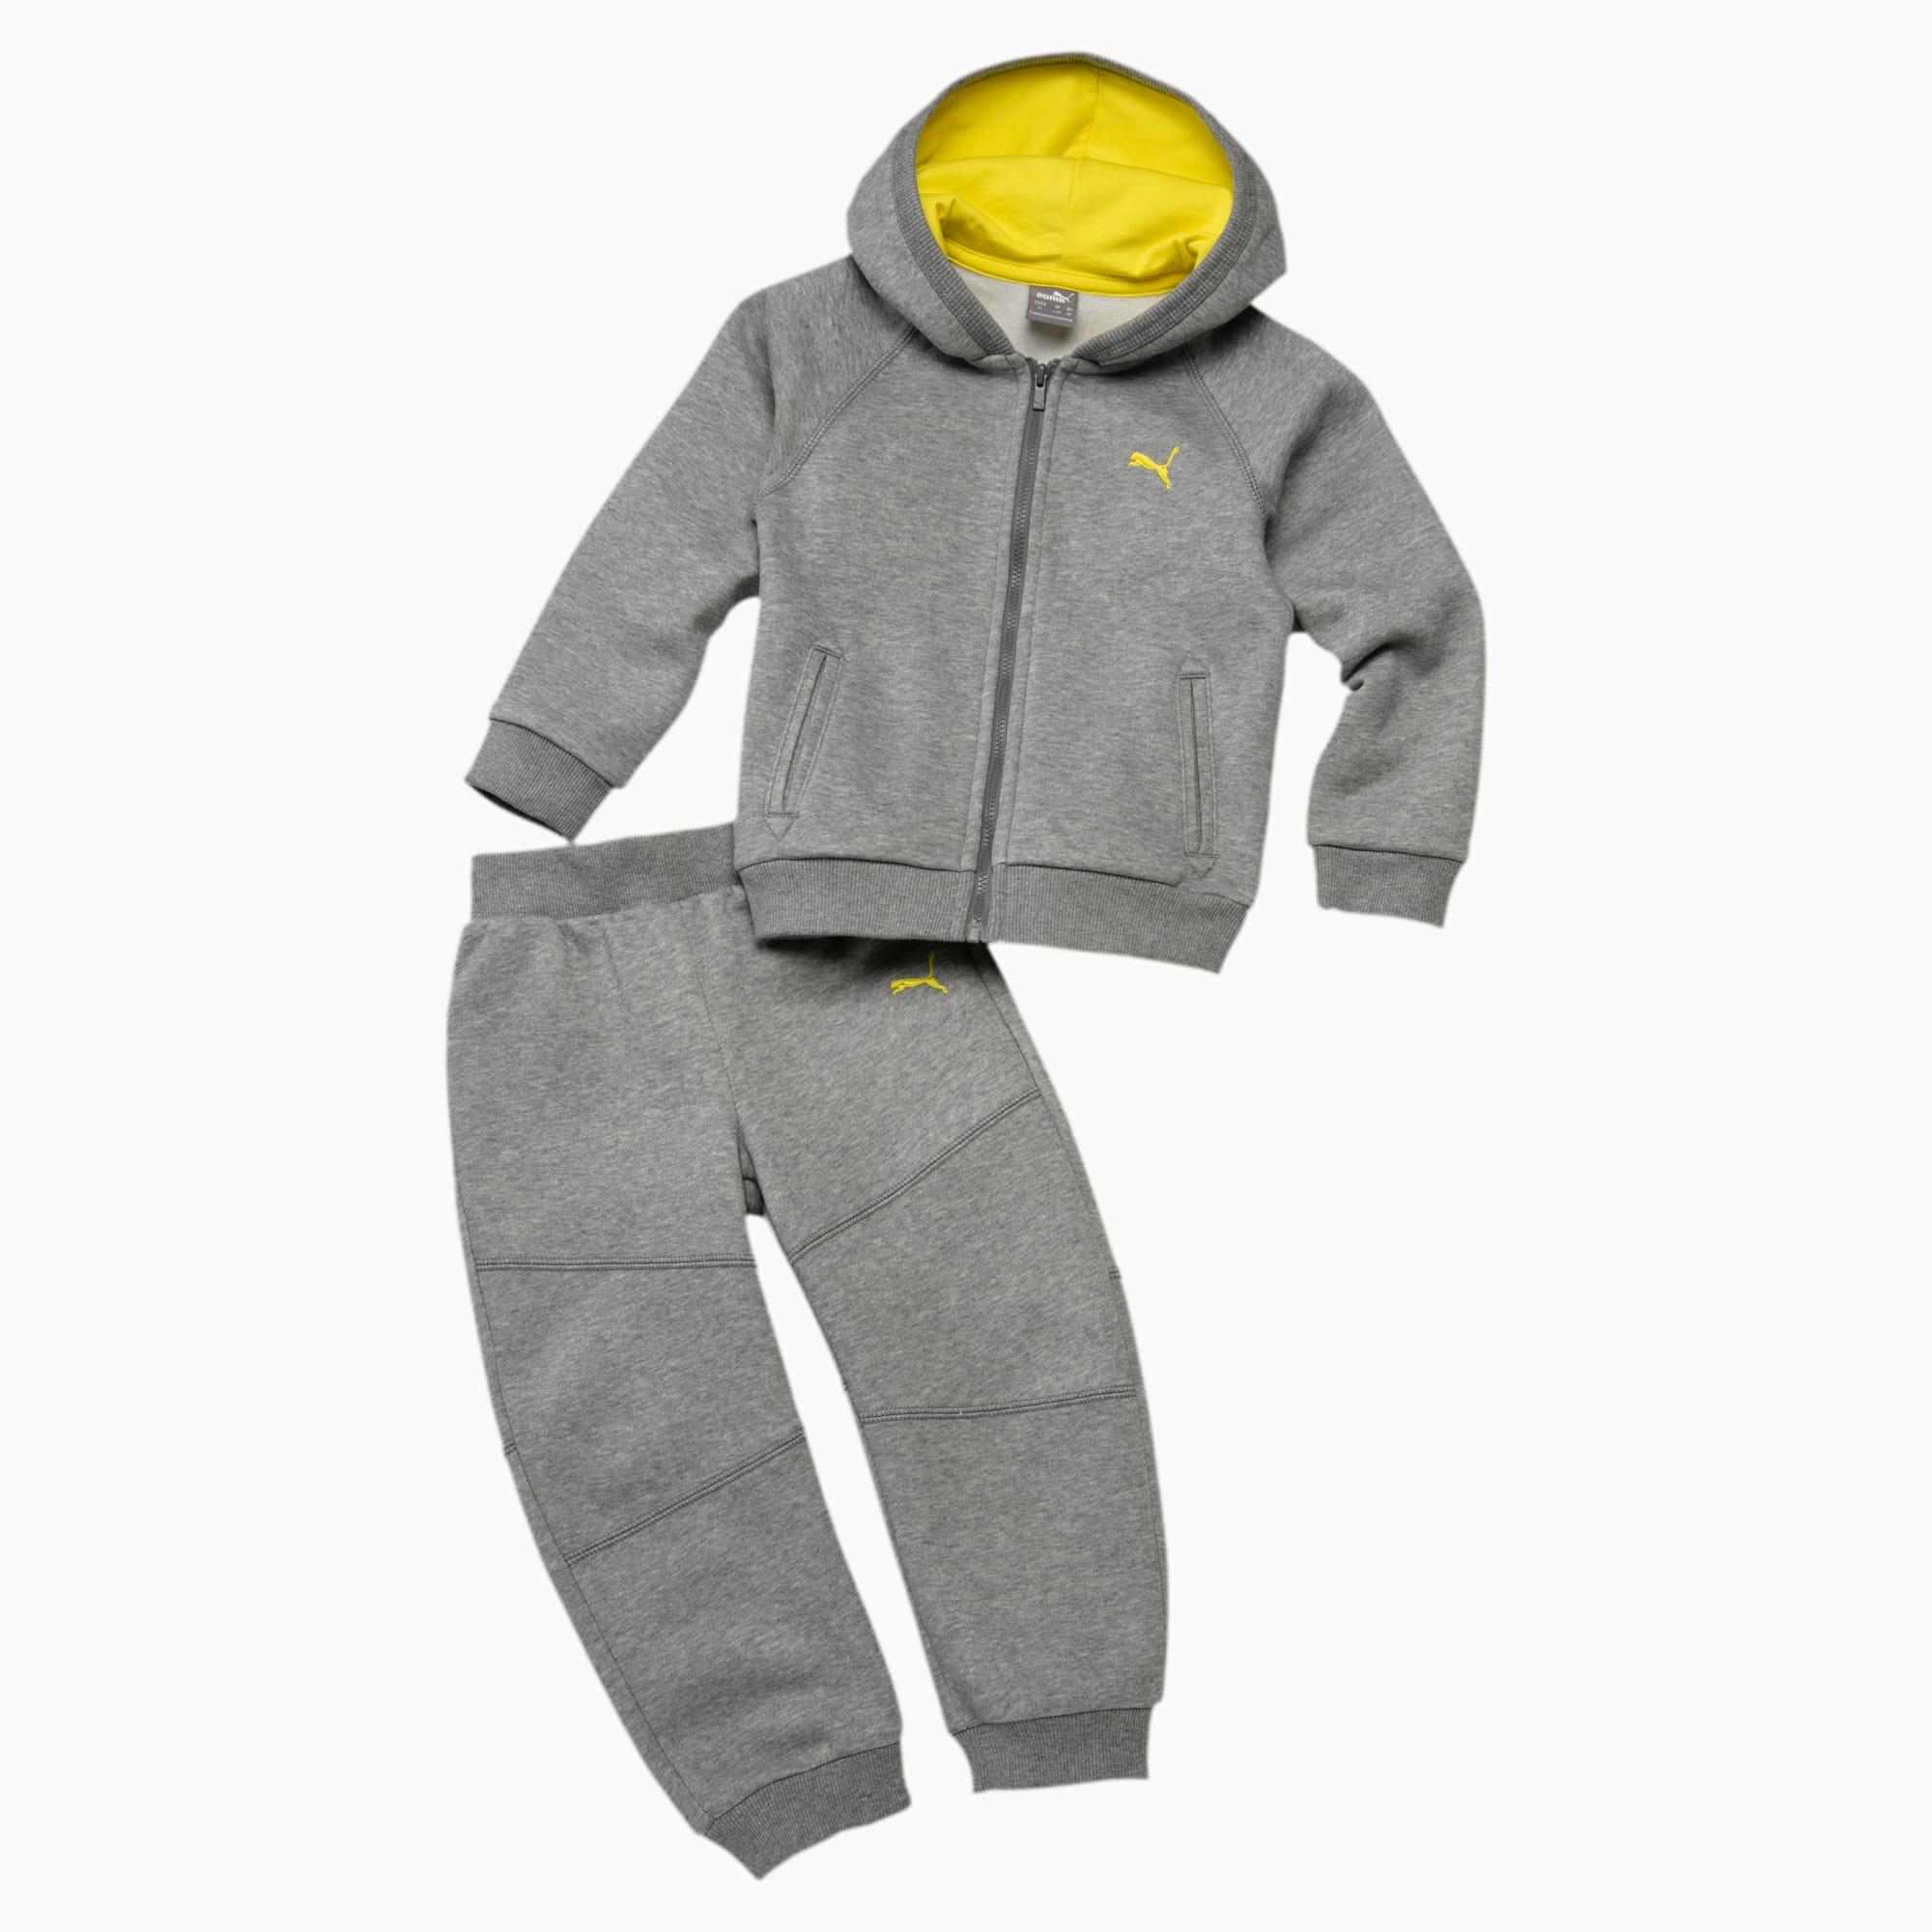 seré fuerte como el desayuno herida  Chándal con capucha para bebé   medium gray heather   PUMA Shoes   PUMA  España